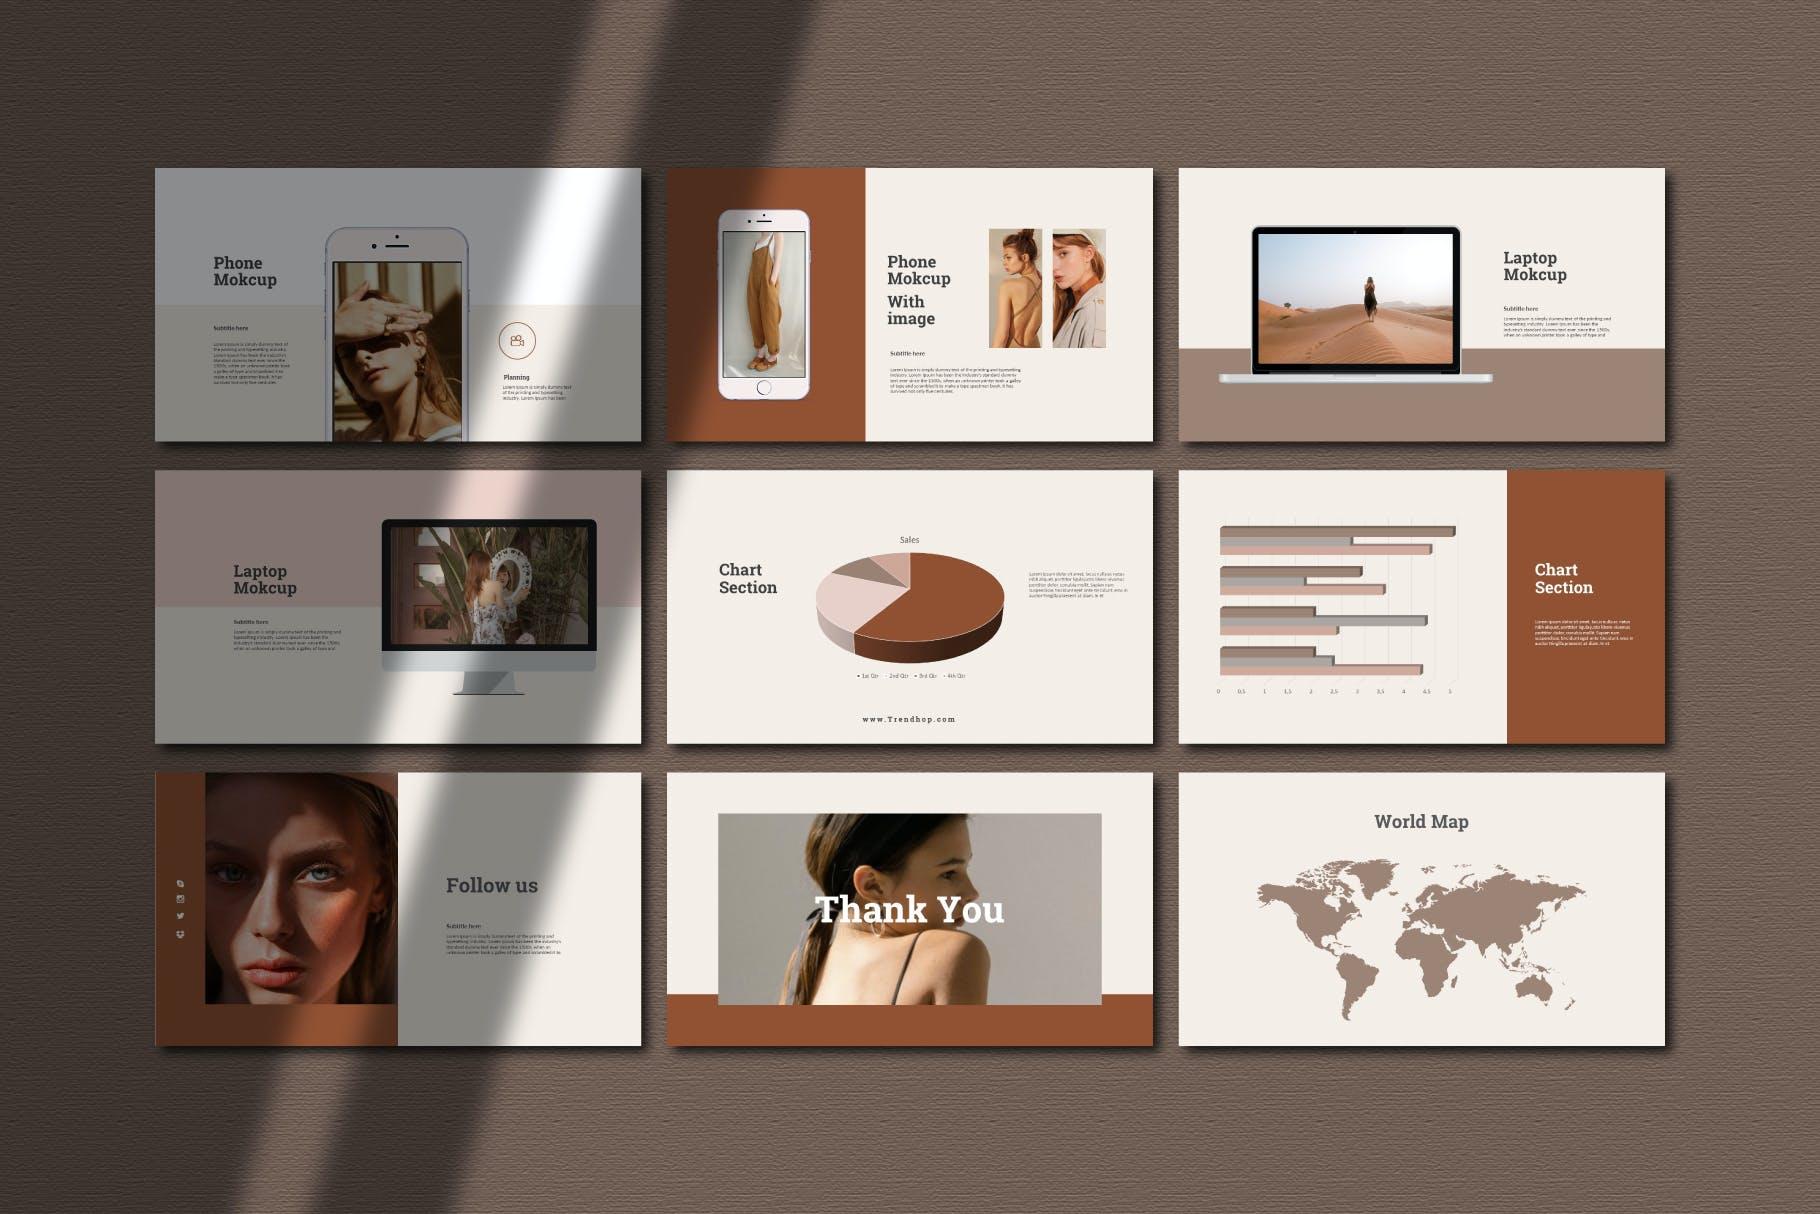 时尚奢华女性服装摄影作品集演示文稿模版 Trendhop Powerpoint Template插图6